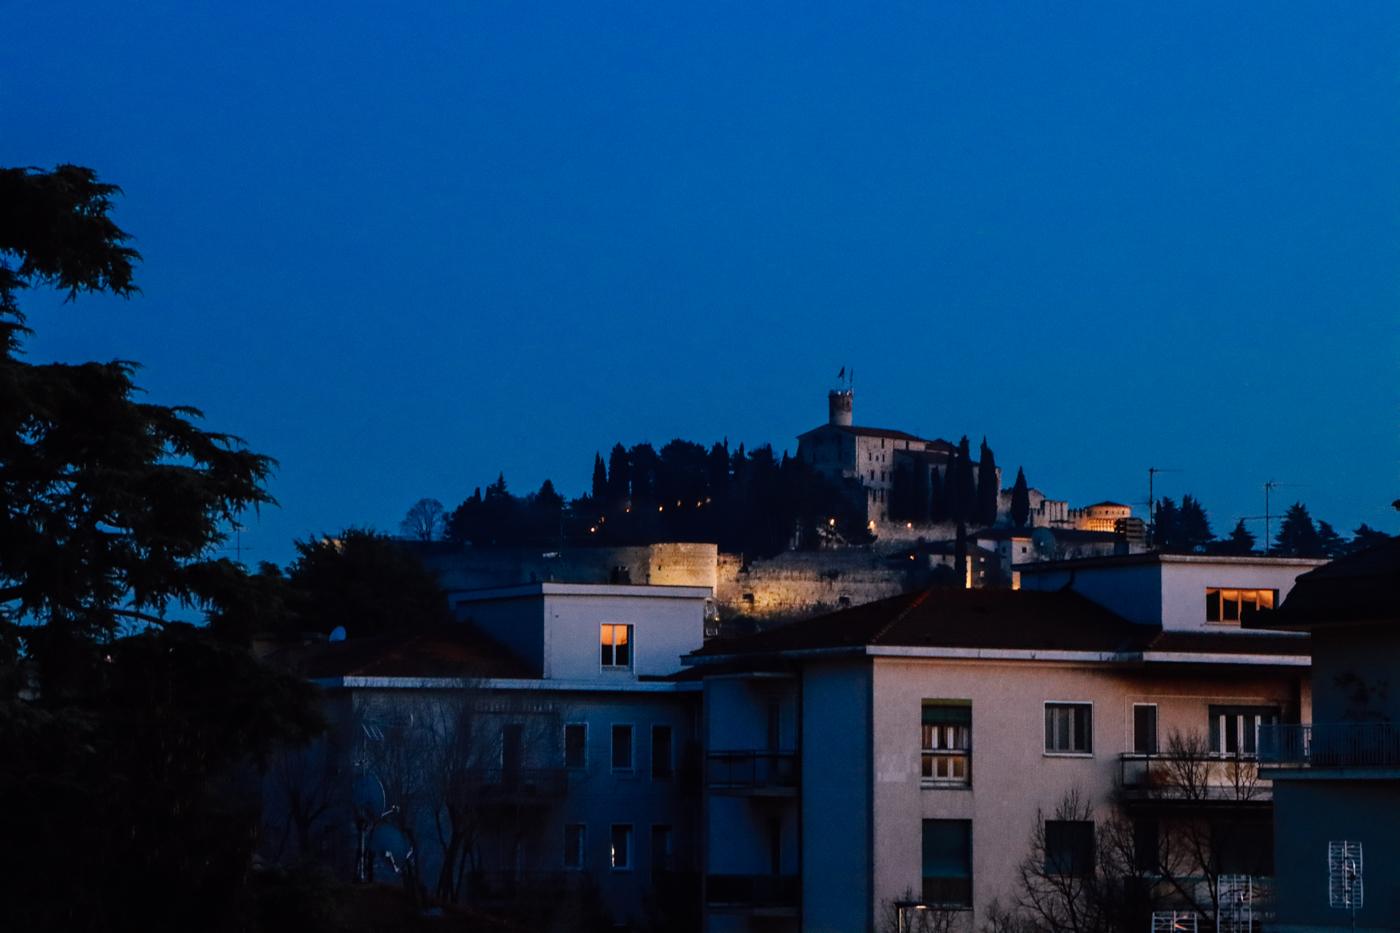 tramonto-2-piano